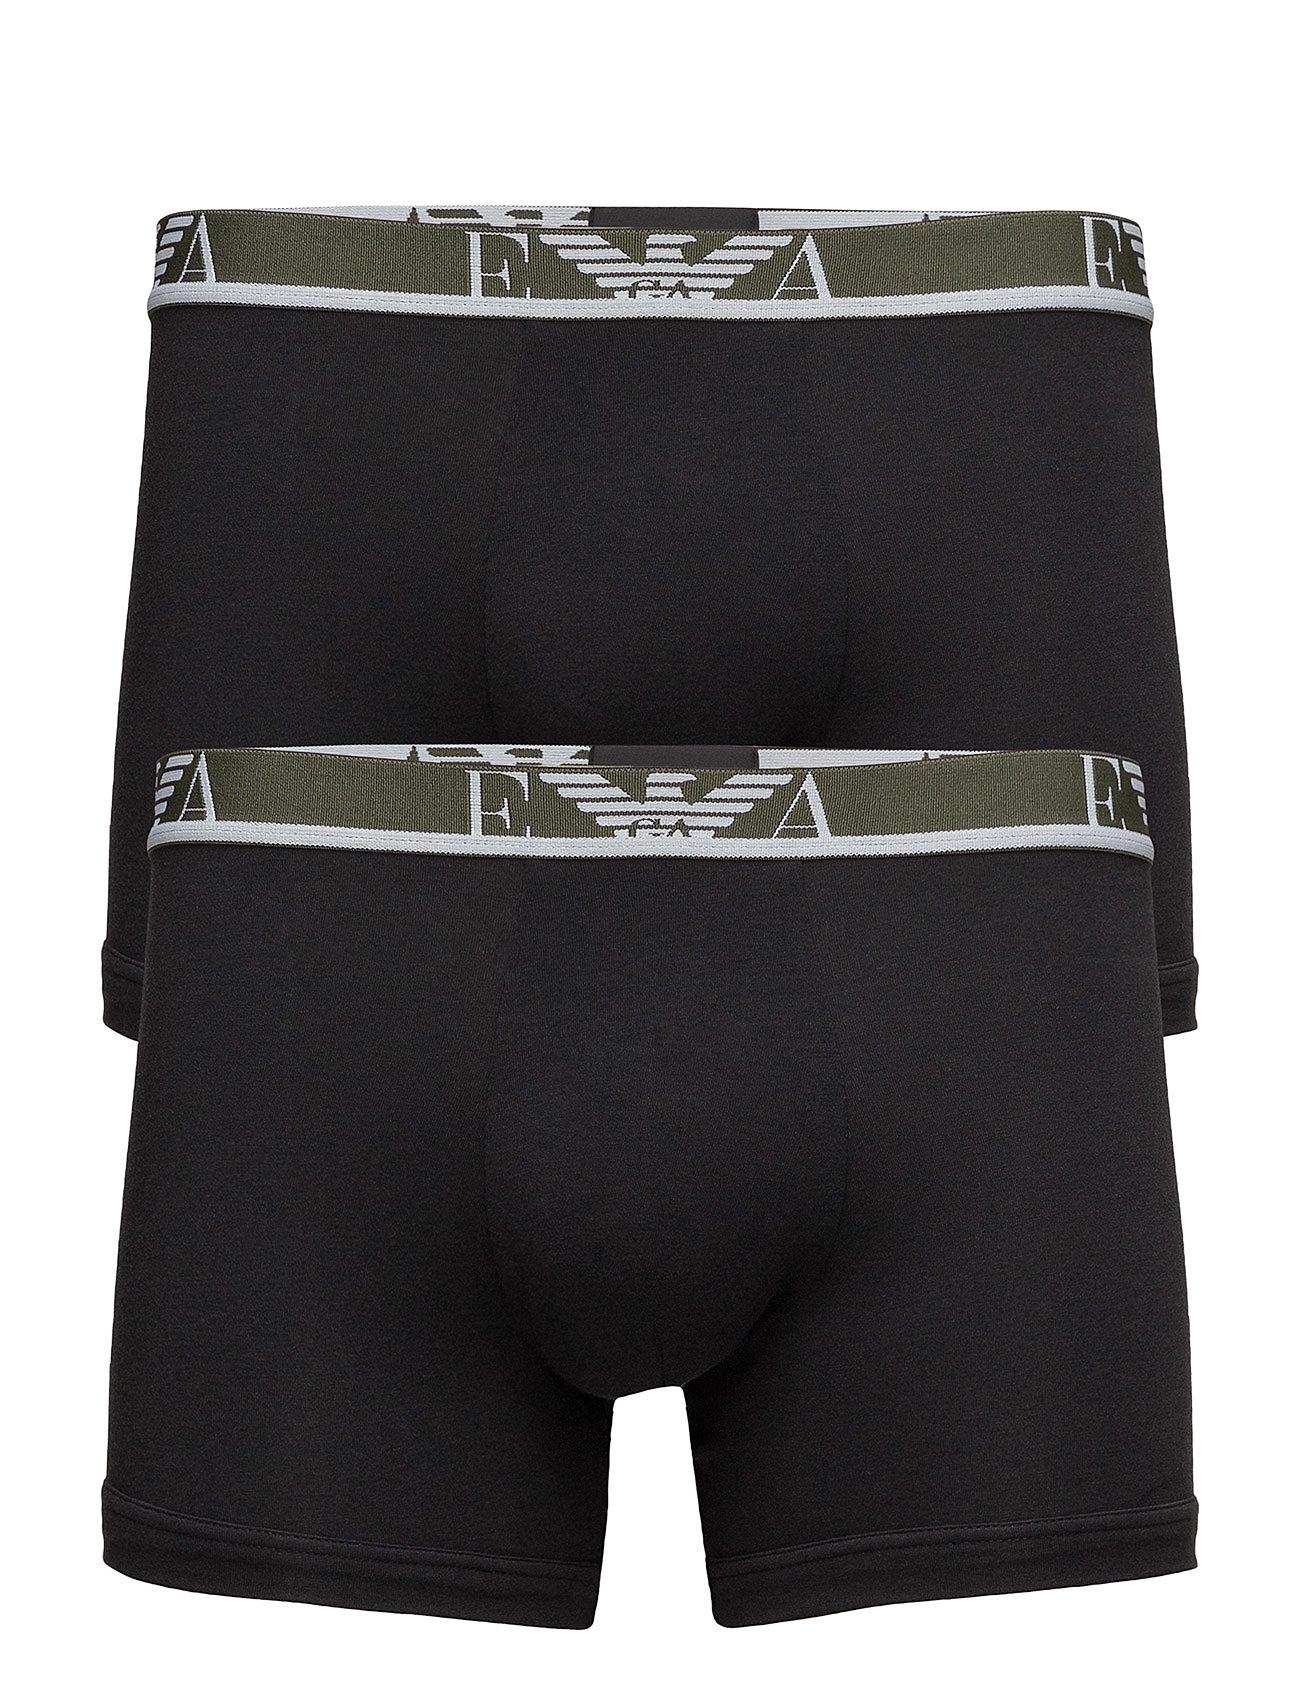 emporio armani – Men's knit 2-pack bo på boozt.com dk